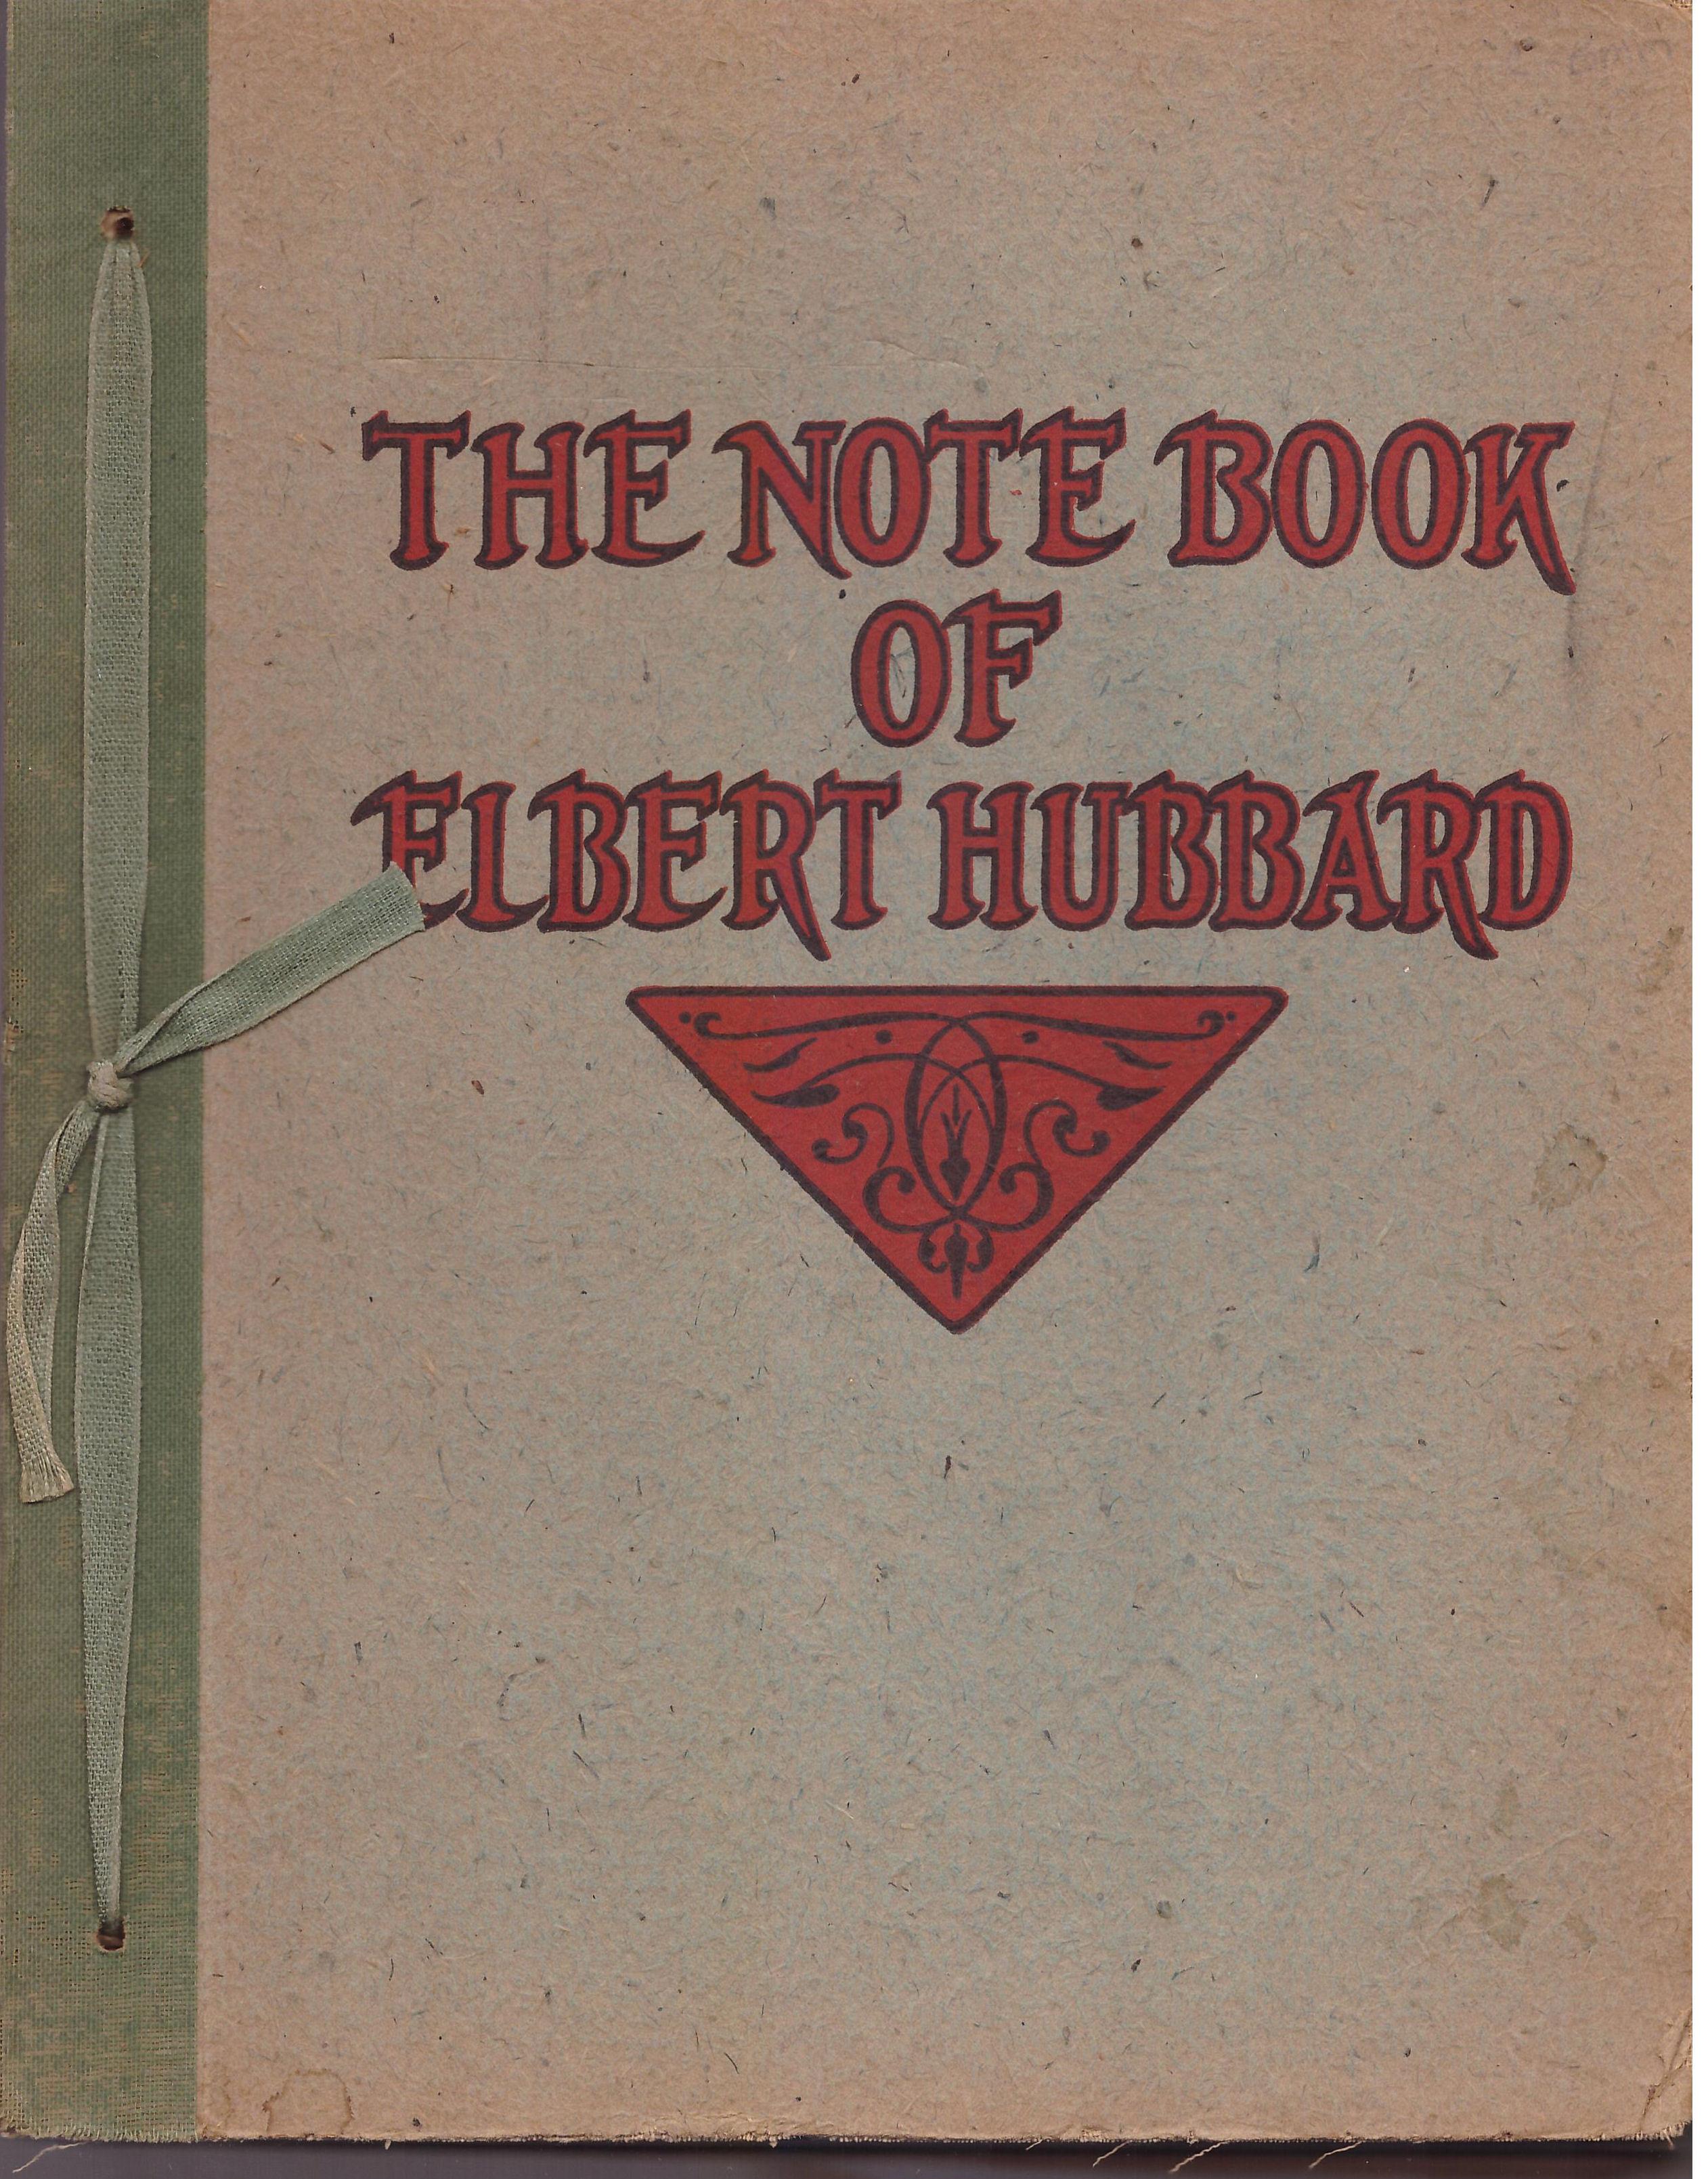 The Notebook of Elbert Hubbard by Elbert Hubbard